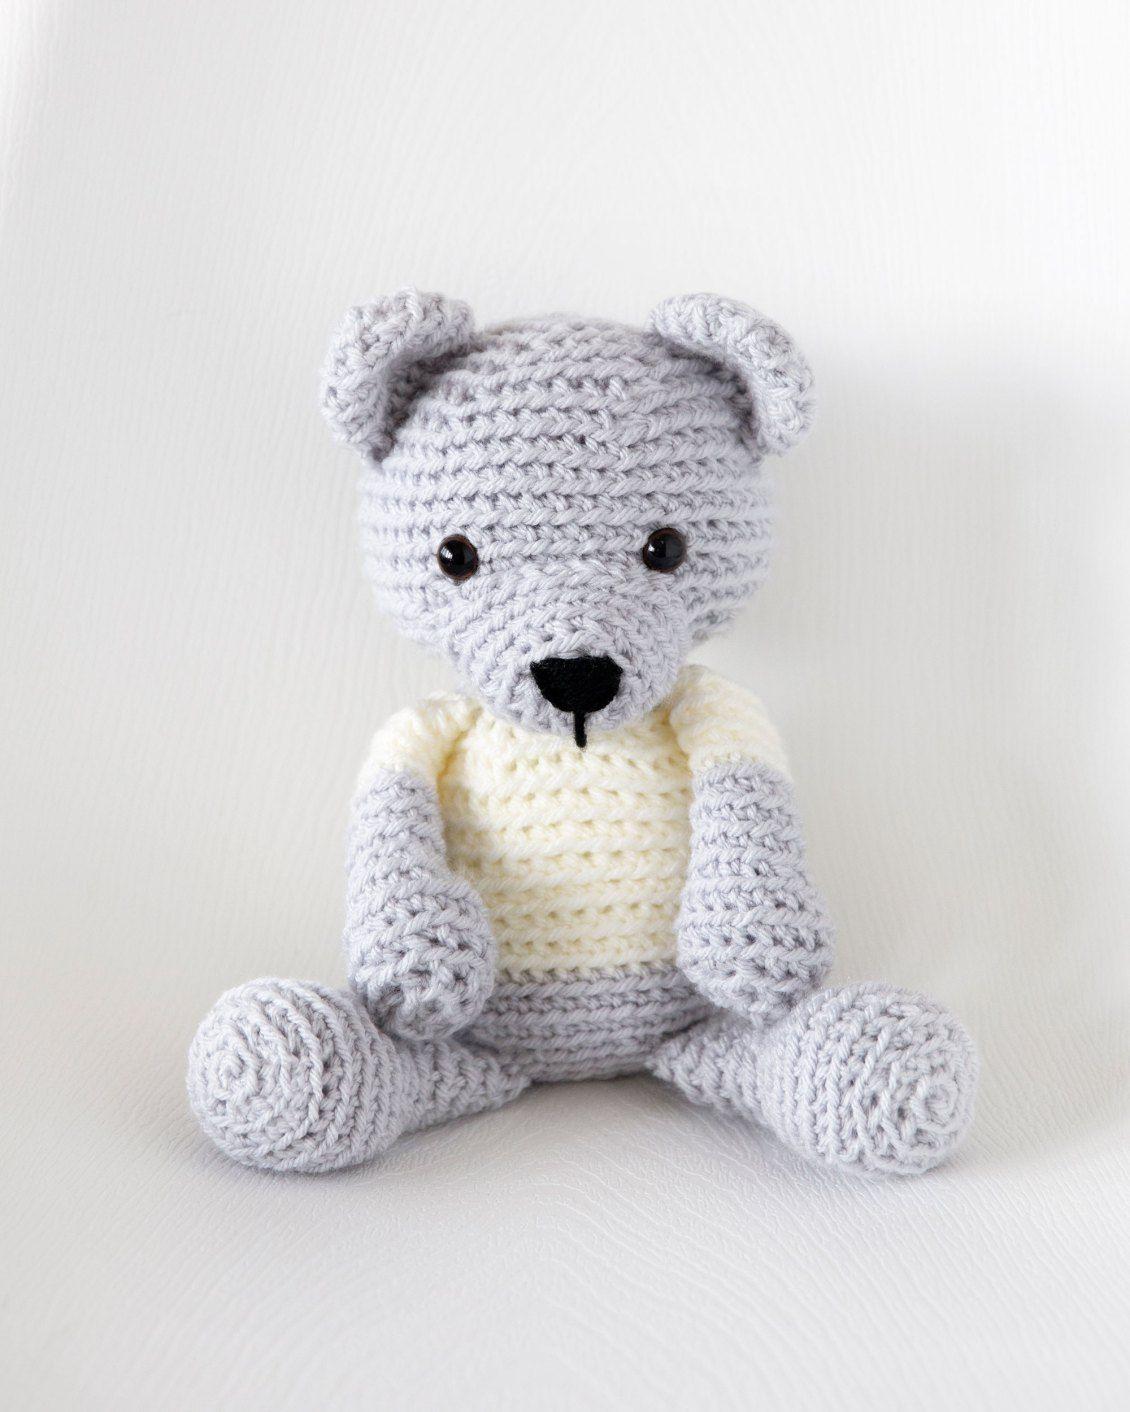 Leelee Knits » Blog Archive Crochet Teddy Bear - Free Pattern ...